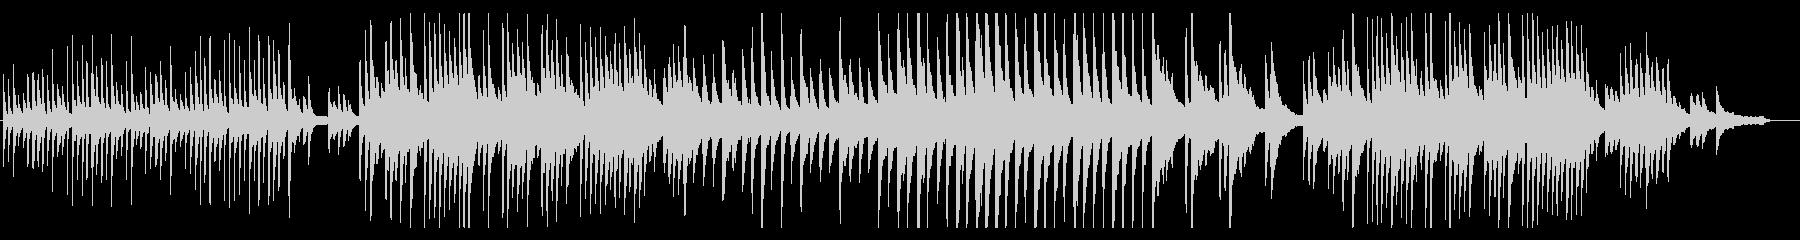 哀しい雰囲気のピアノソロの未再生の波形